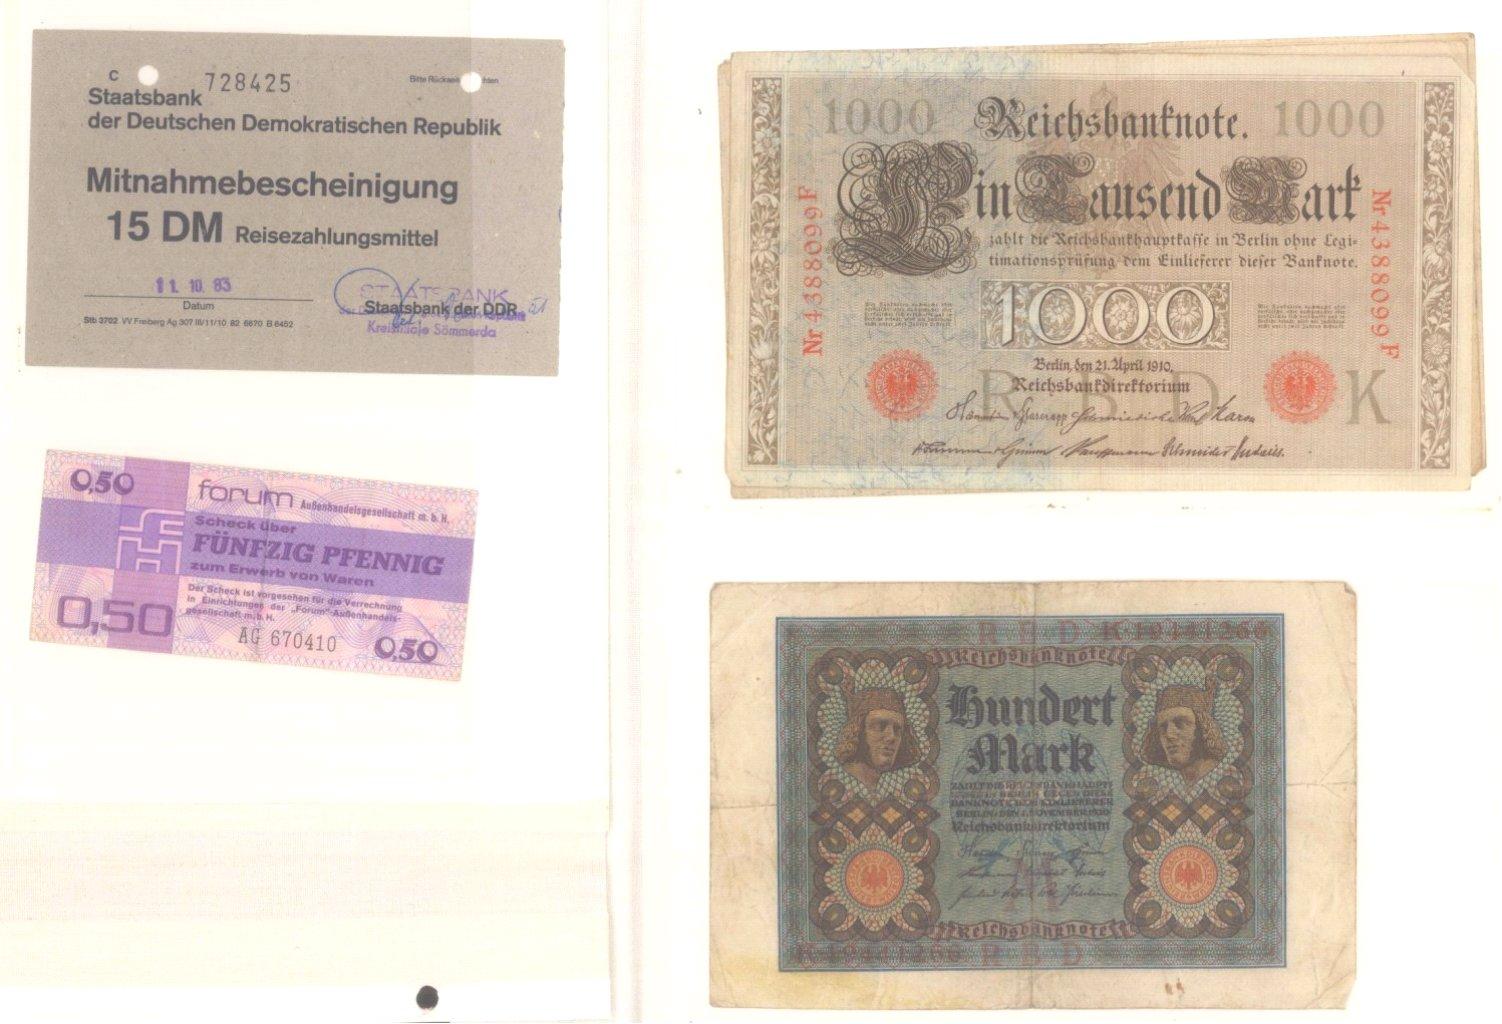 Banknoten, Notgeld, Belege-6